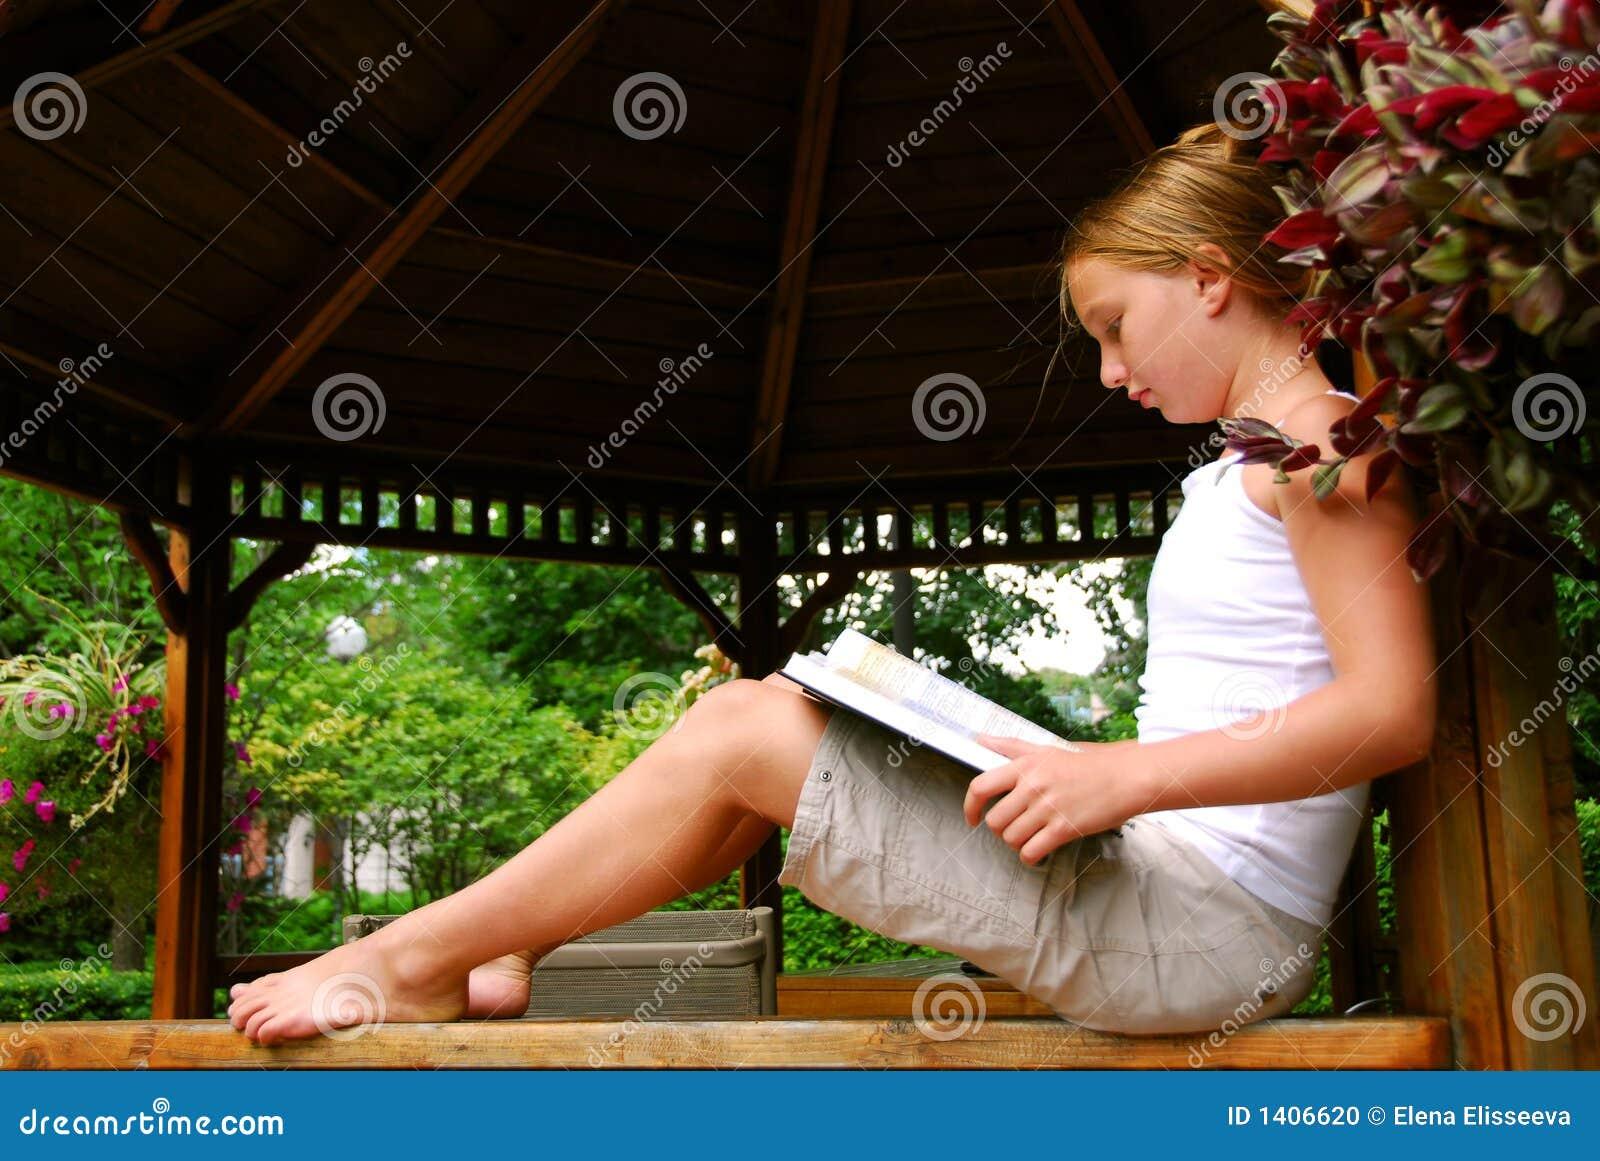 La fille a affiché le livre